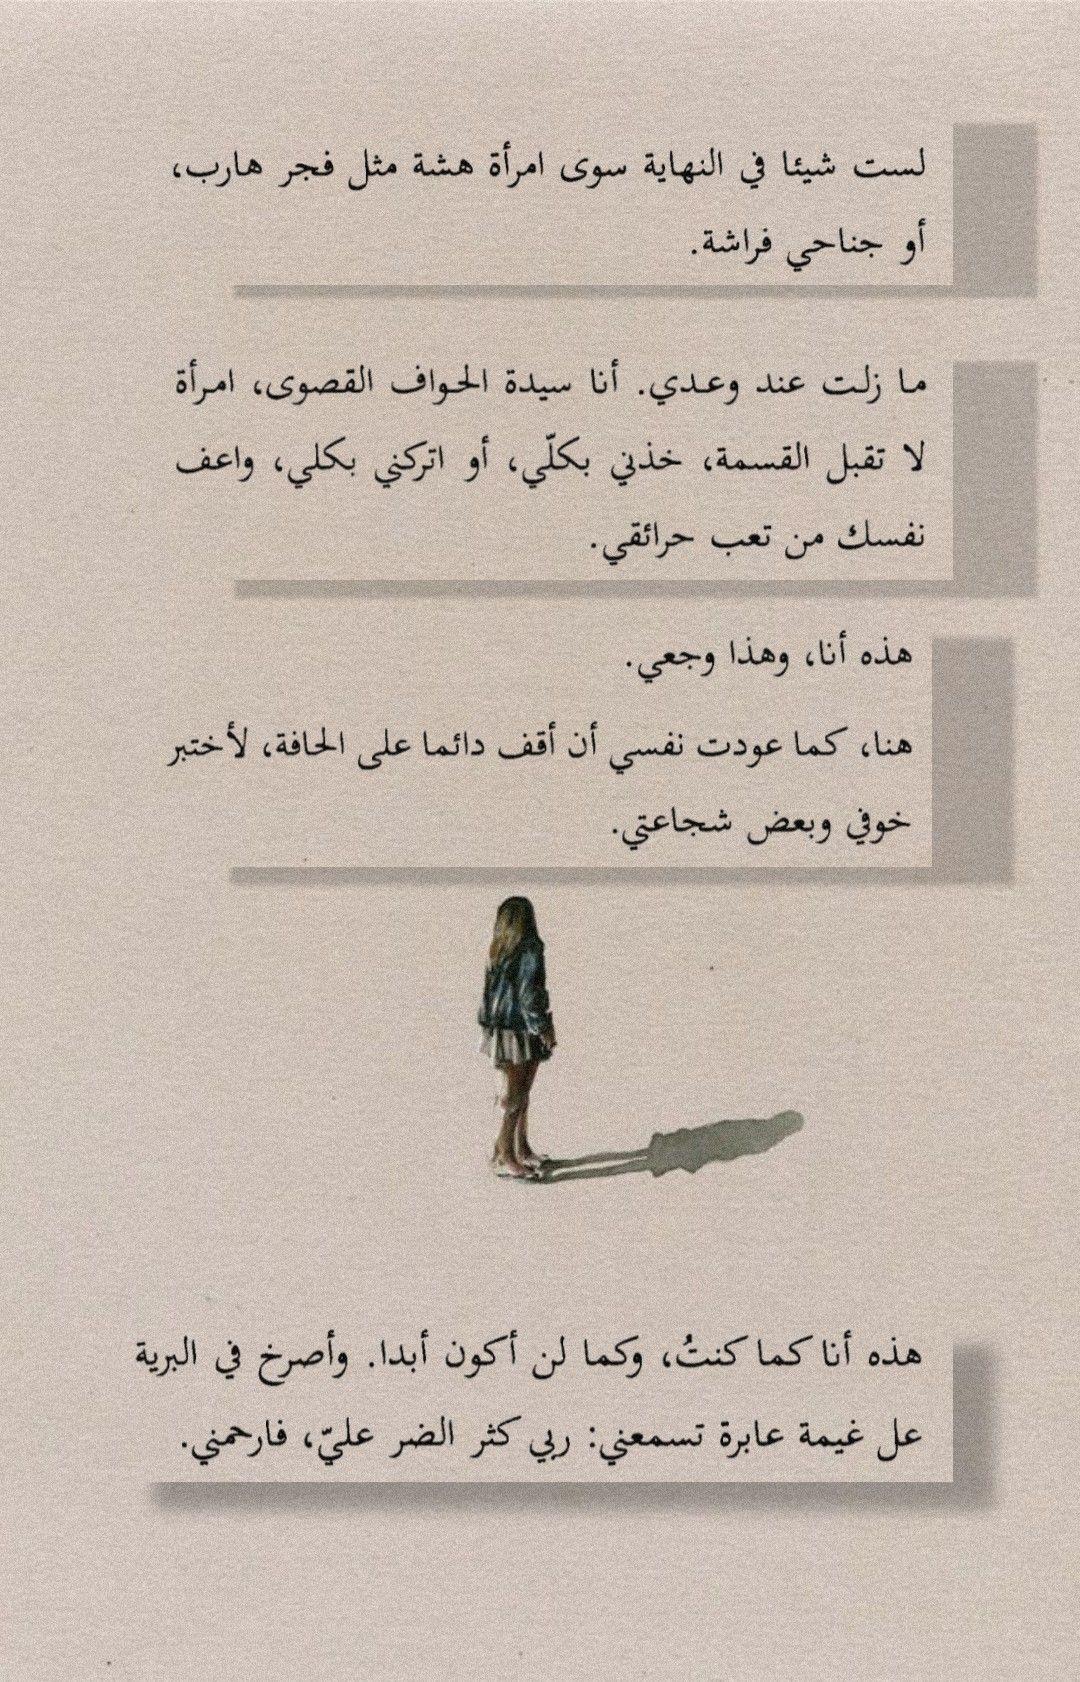 امرأة سريعة الع طب واسيني الأعر ج Quotes For Book Lovers Calligraphy Quotes Love Beautiful Arabic Words